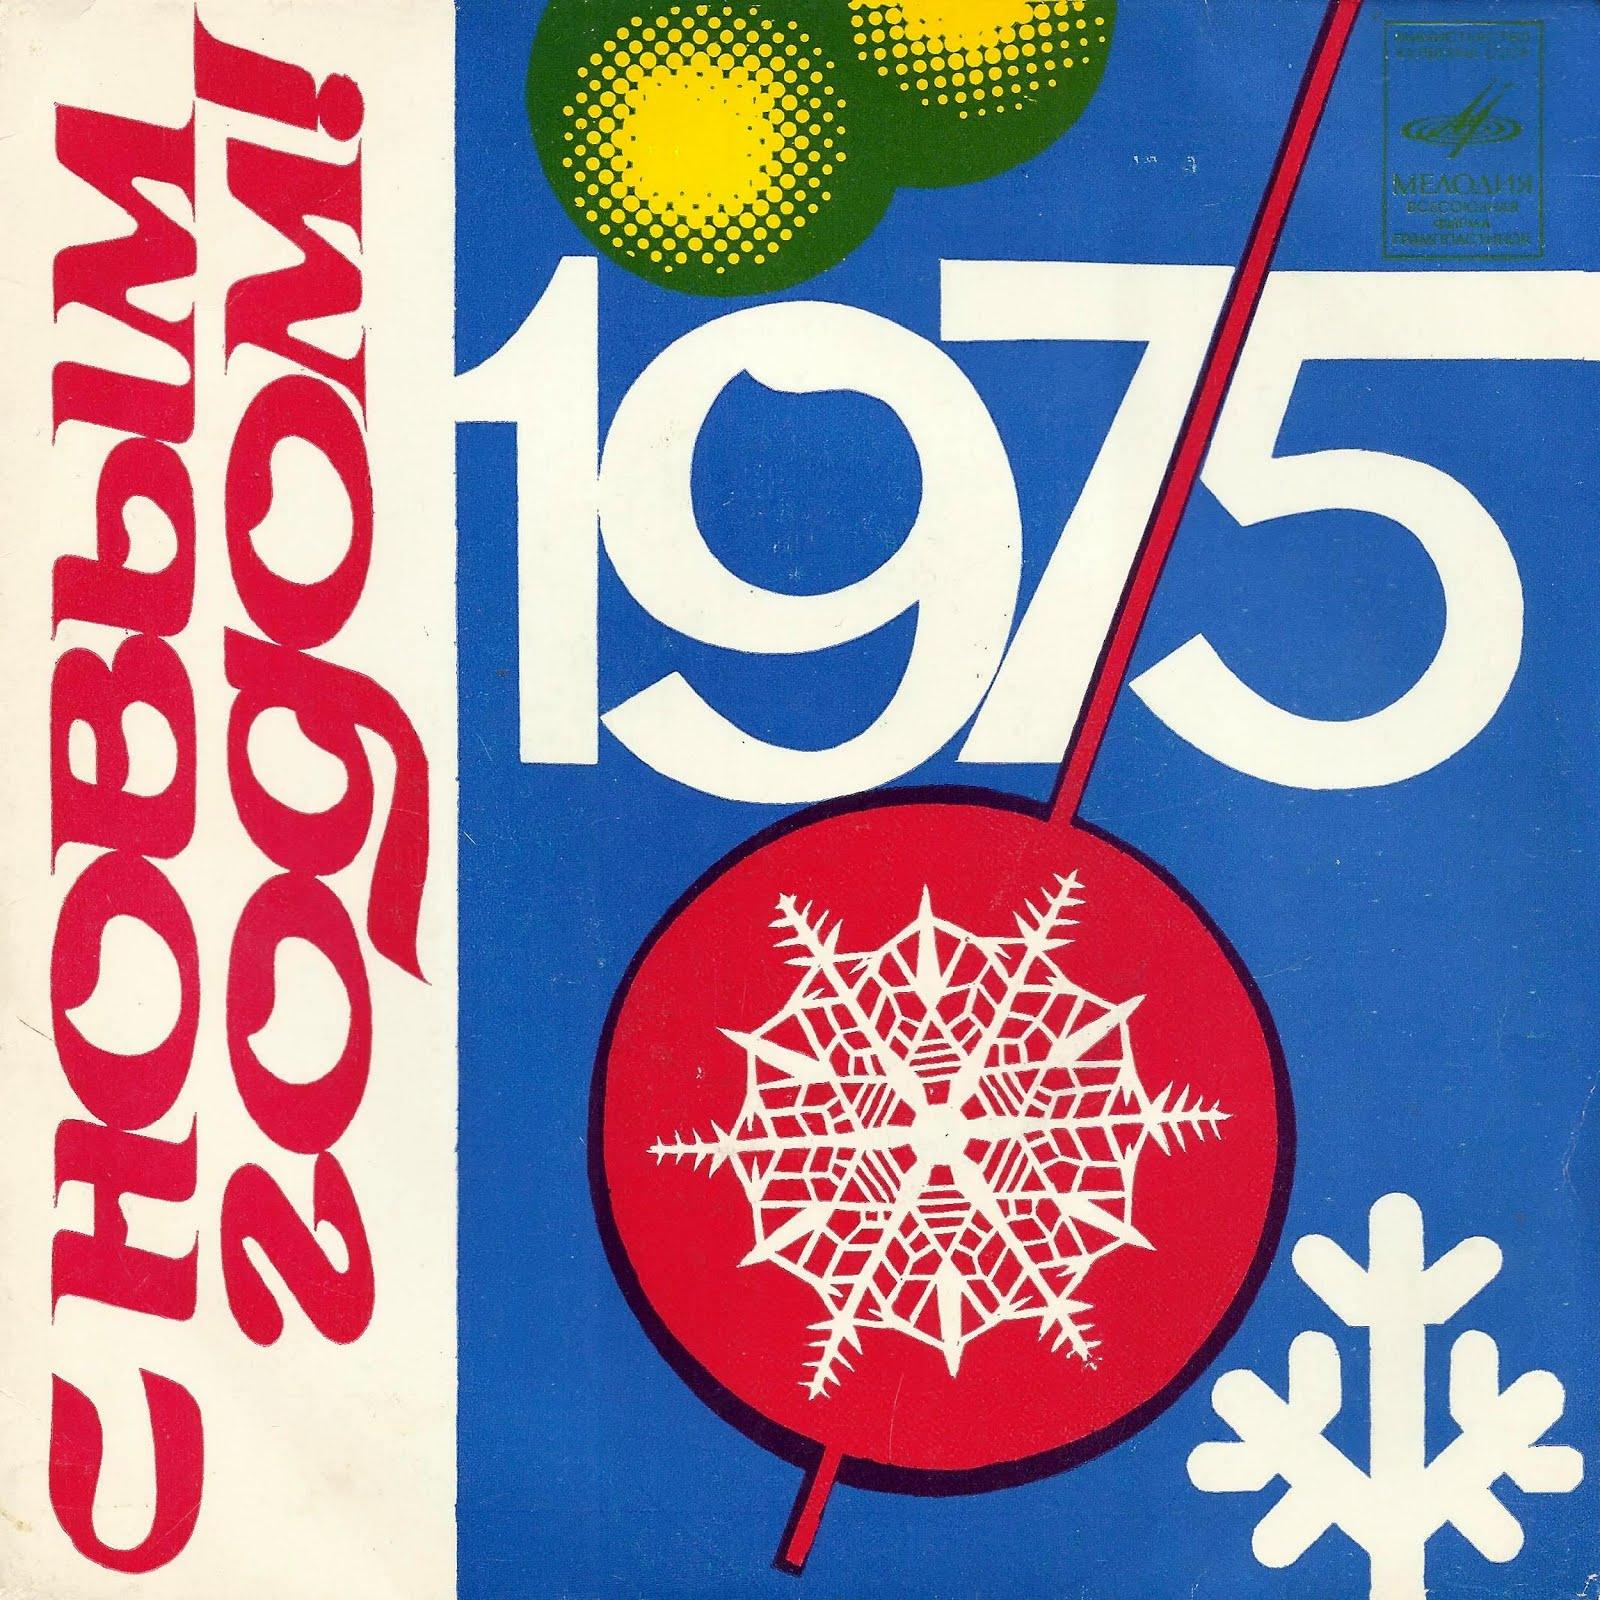 Открытки с новым годом 1975 года